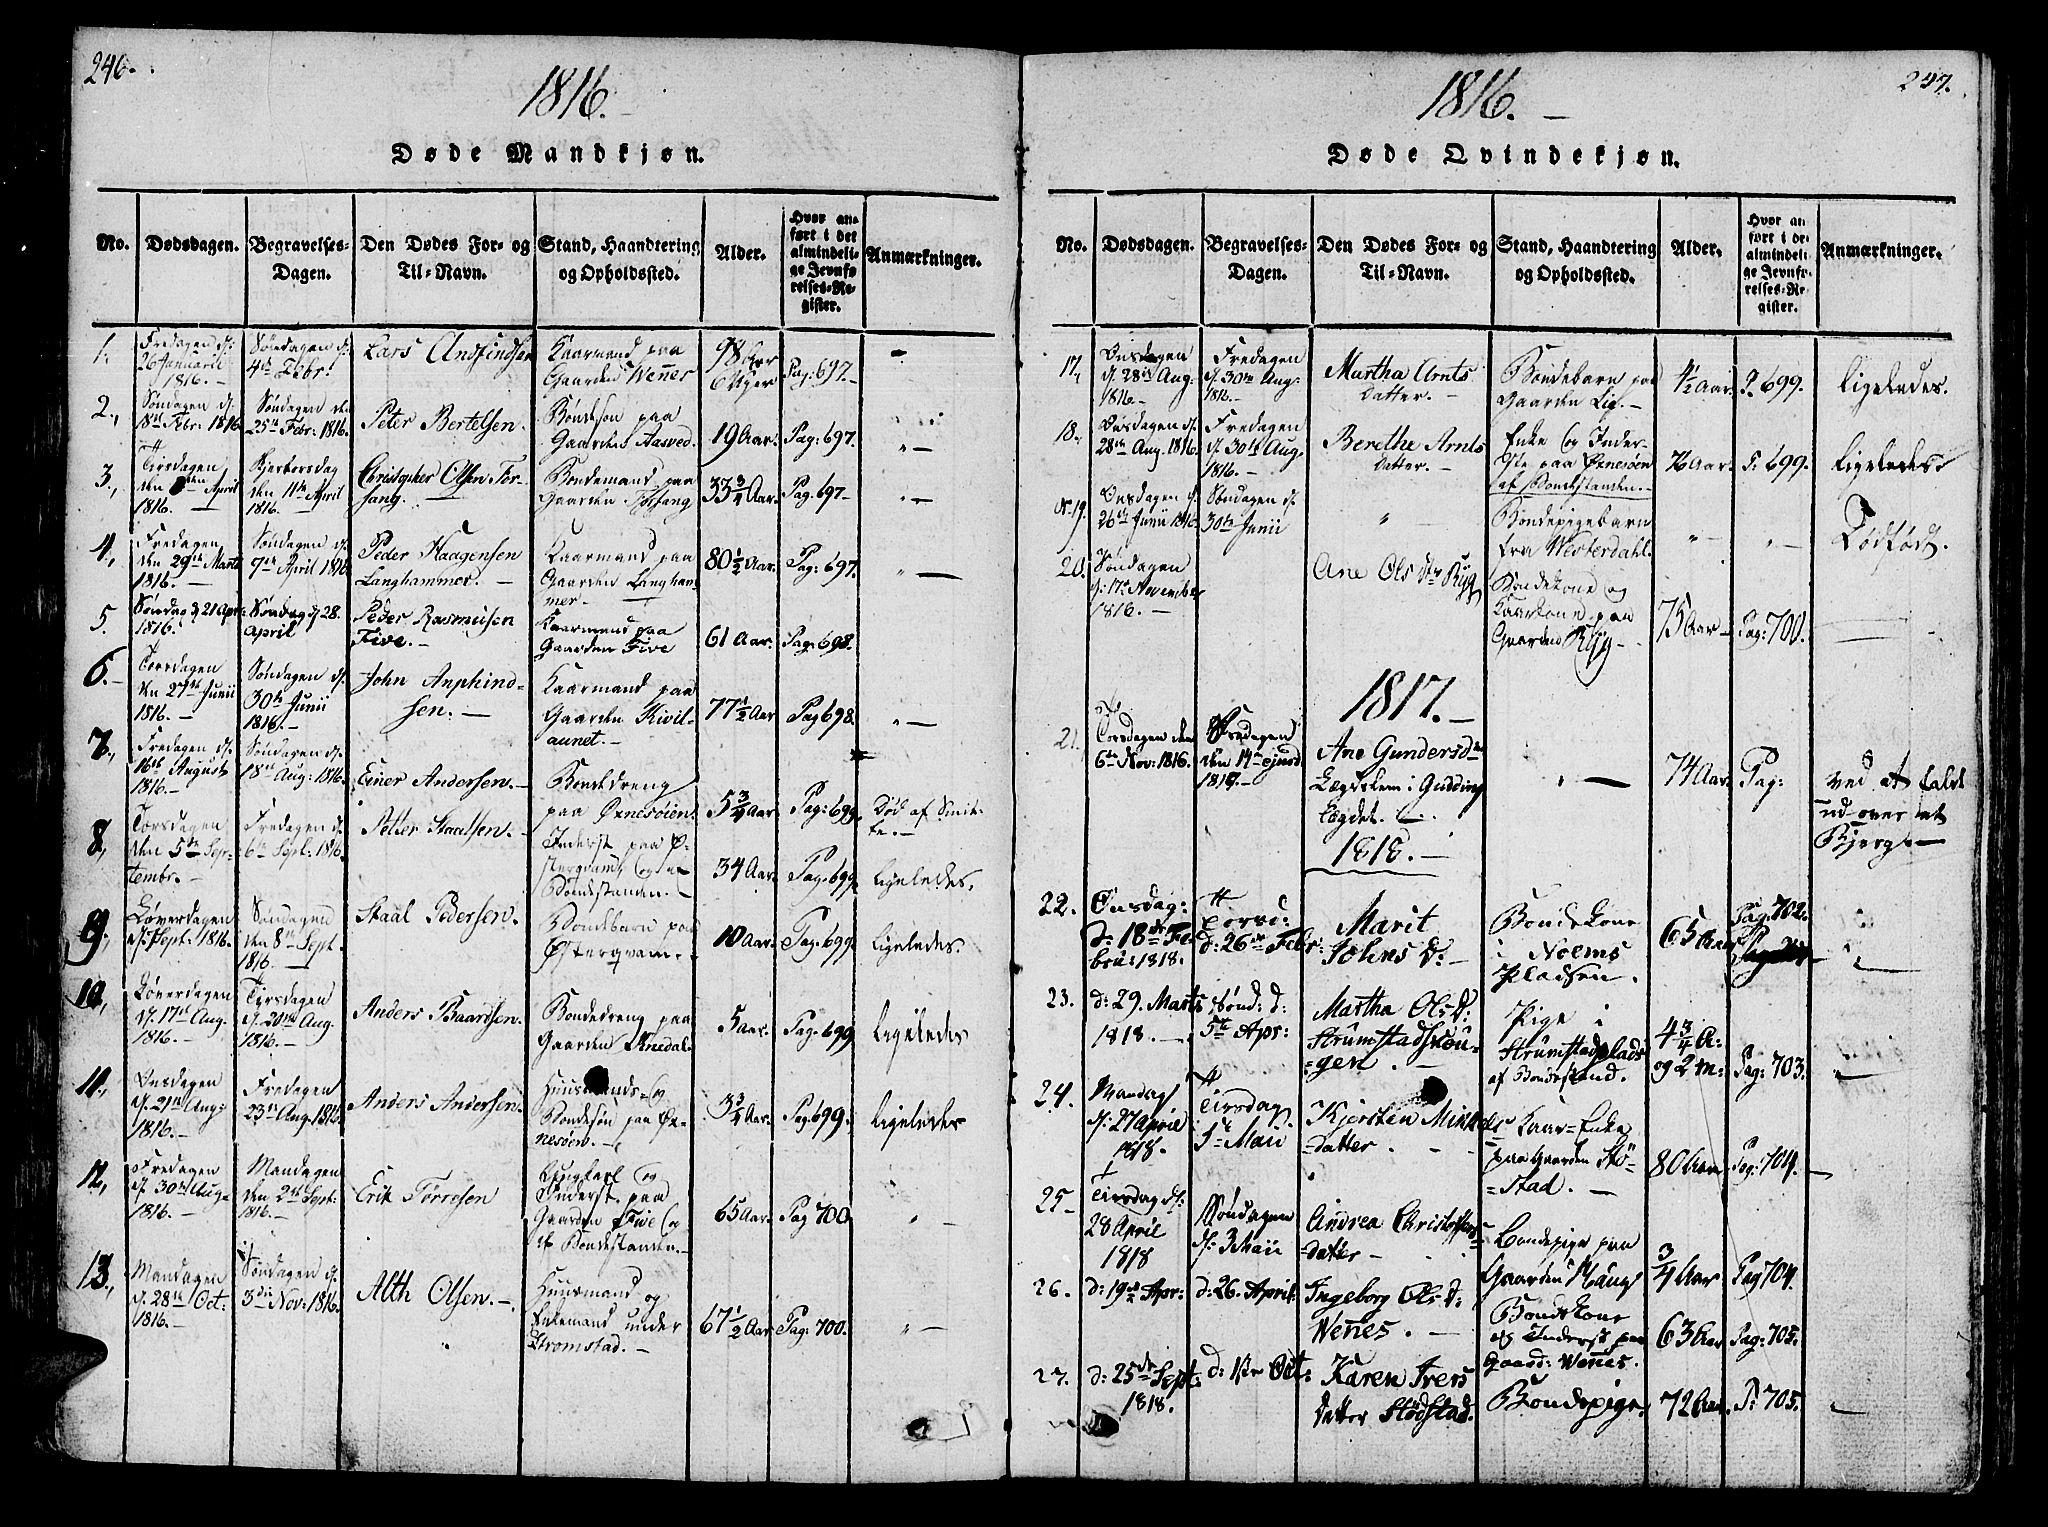 SAT, Ministerialprotokoller, klokkerbøker og fødselsregistre - Nord-Trøndelag, 746/L0441: Ministerialbok nr. 746A03 /2, 1816-1827, s. 146-147